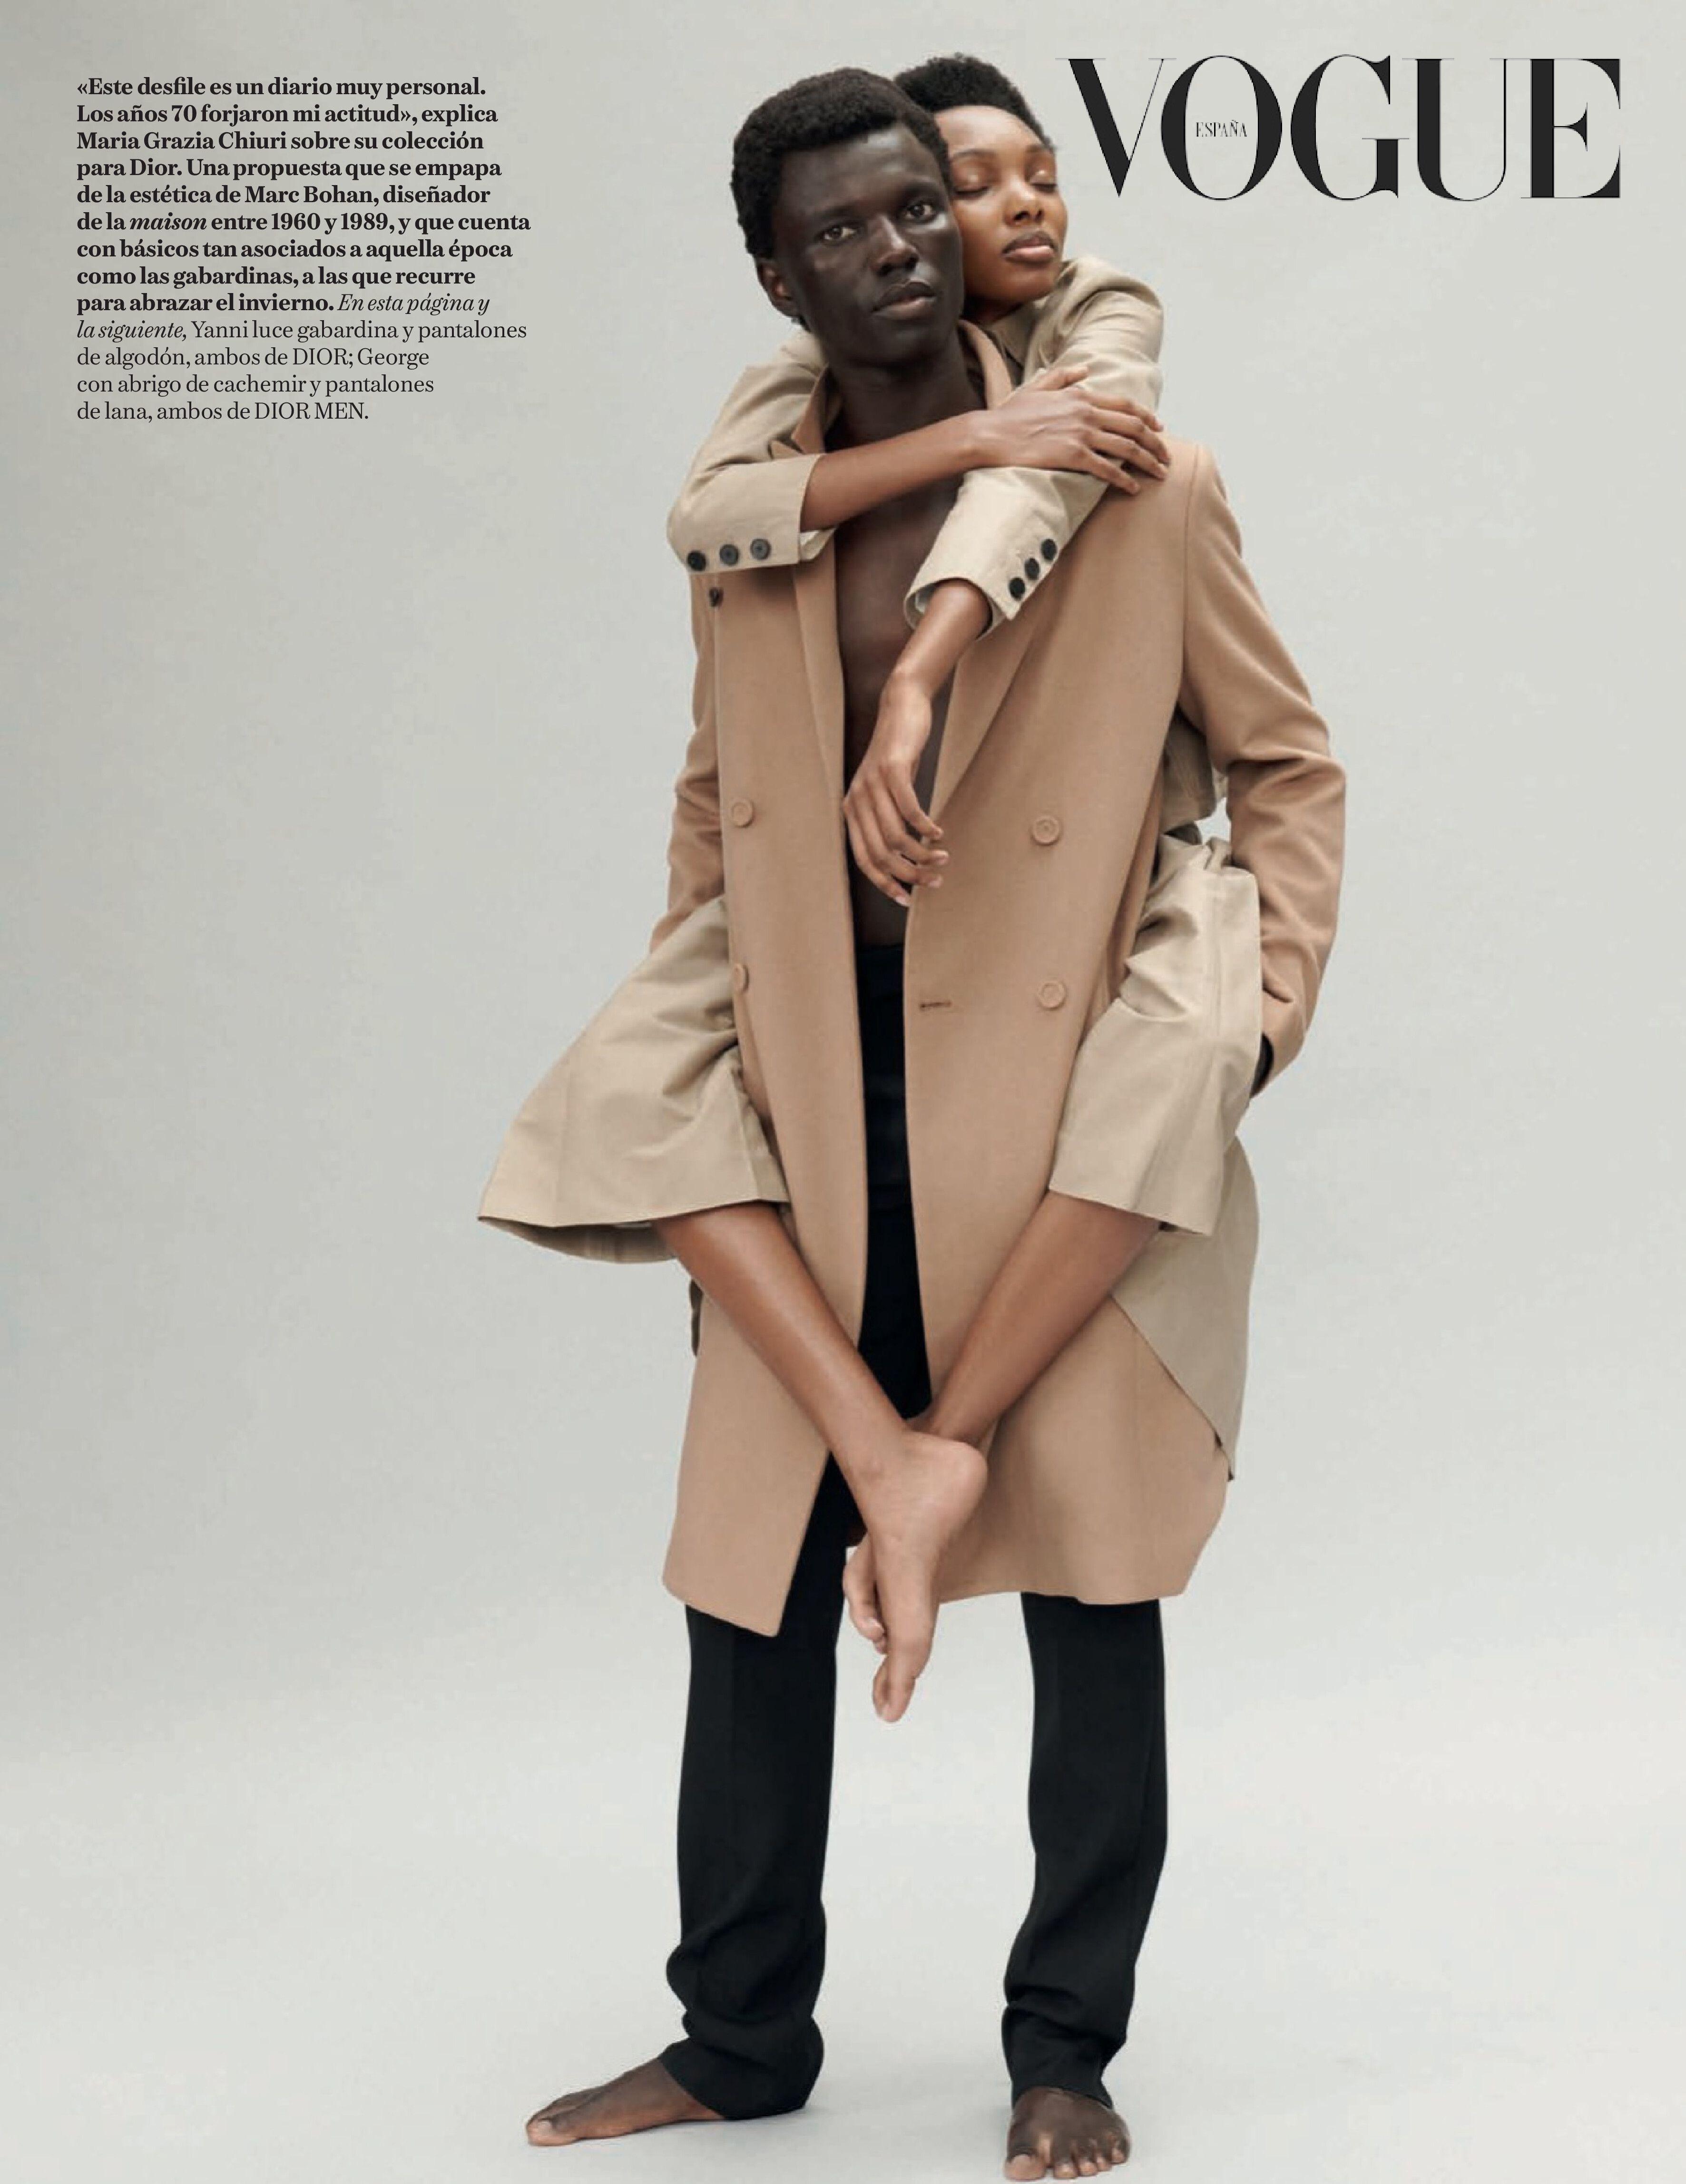 Vogue Spain4